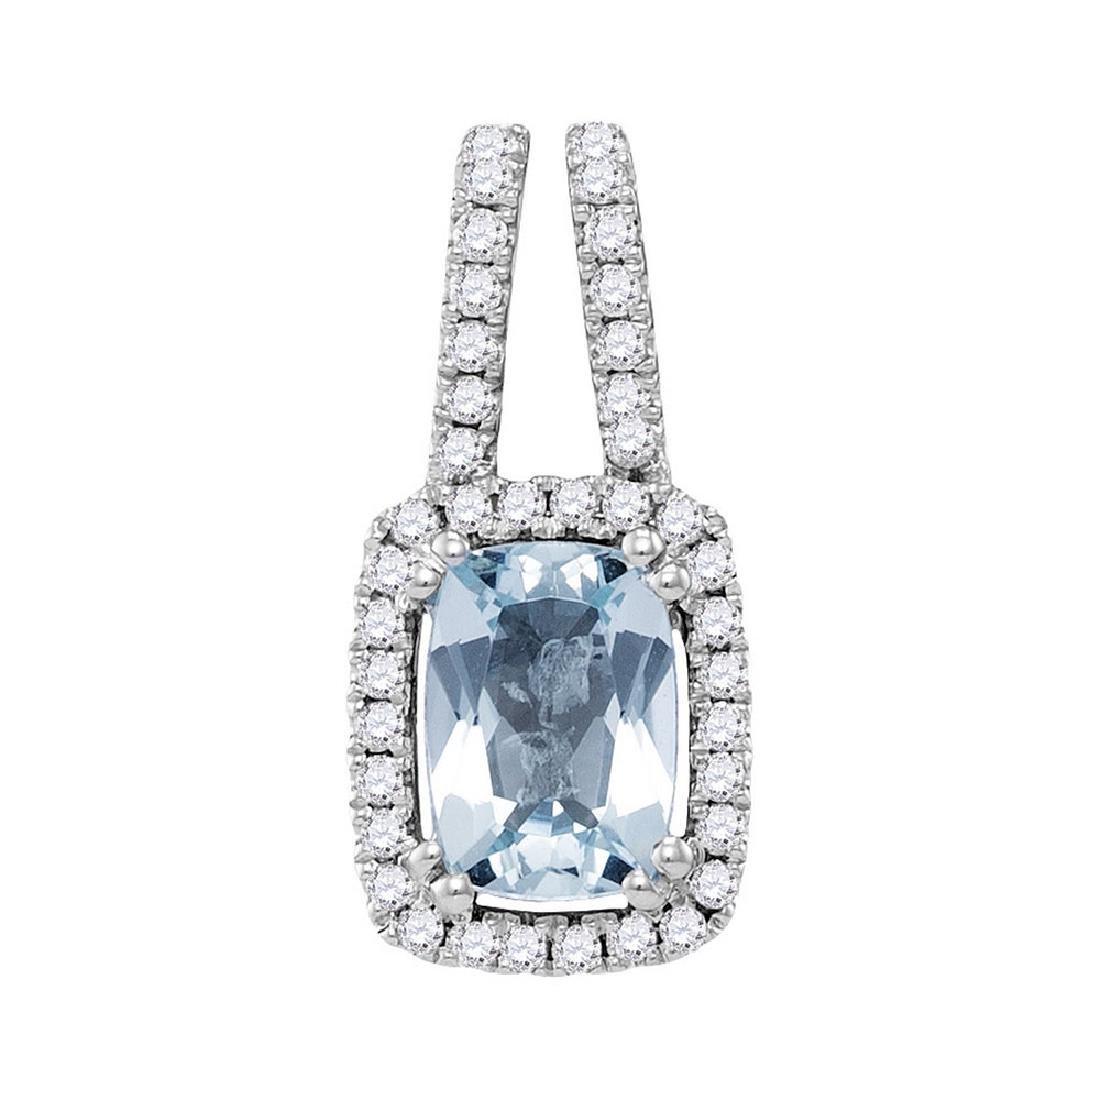 1 CTW Cushion Aquamarine Solitaire Diamond Pendant 14KT